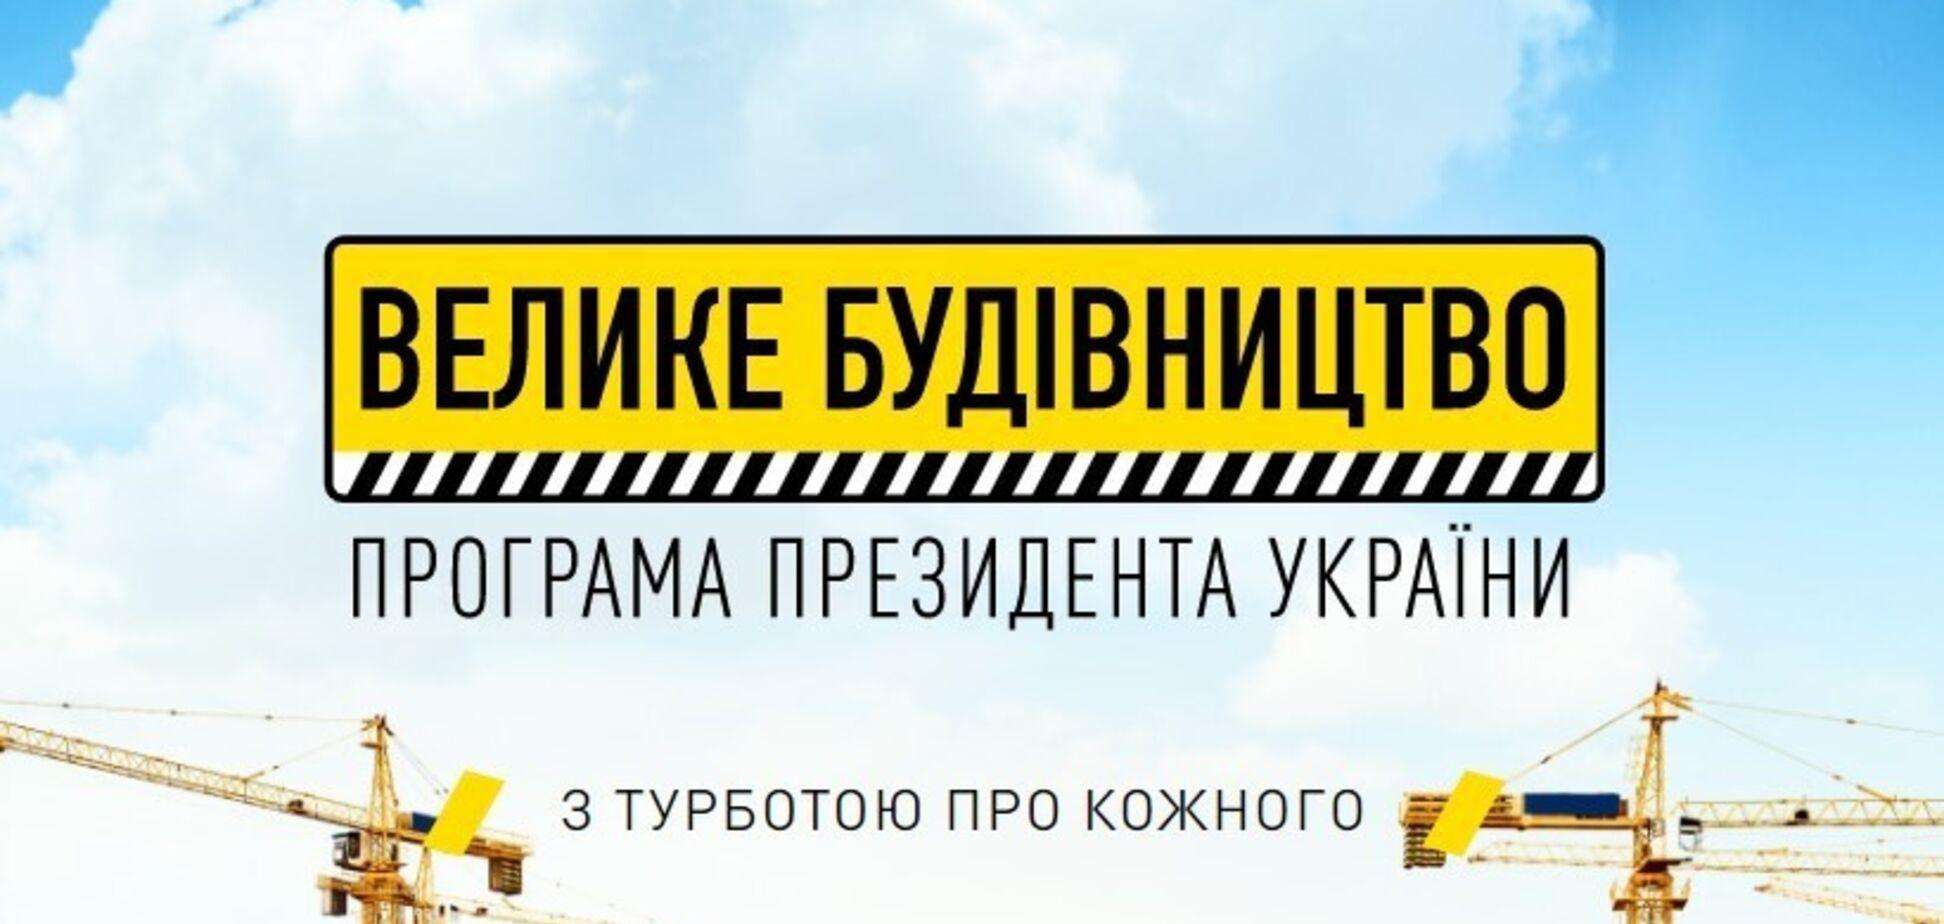 В Олександрії відремонтують лікарню за програмою 'Велике будівництво'